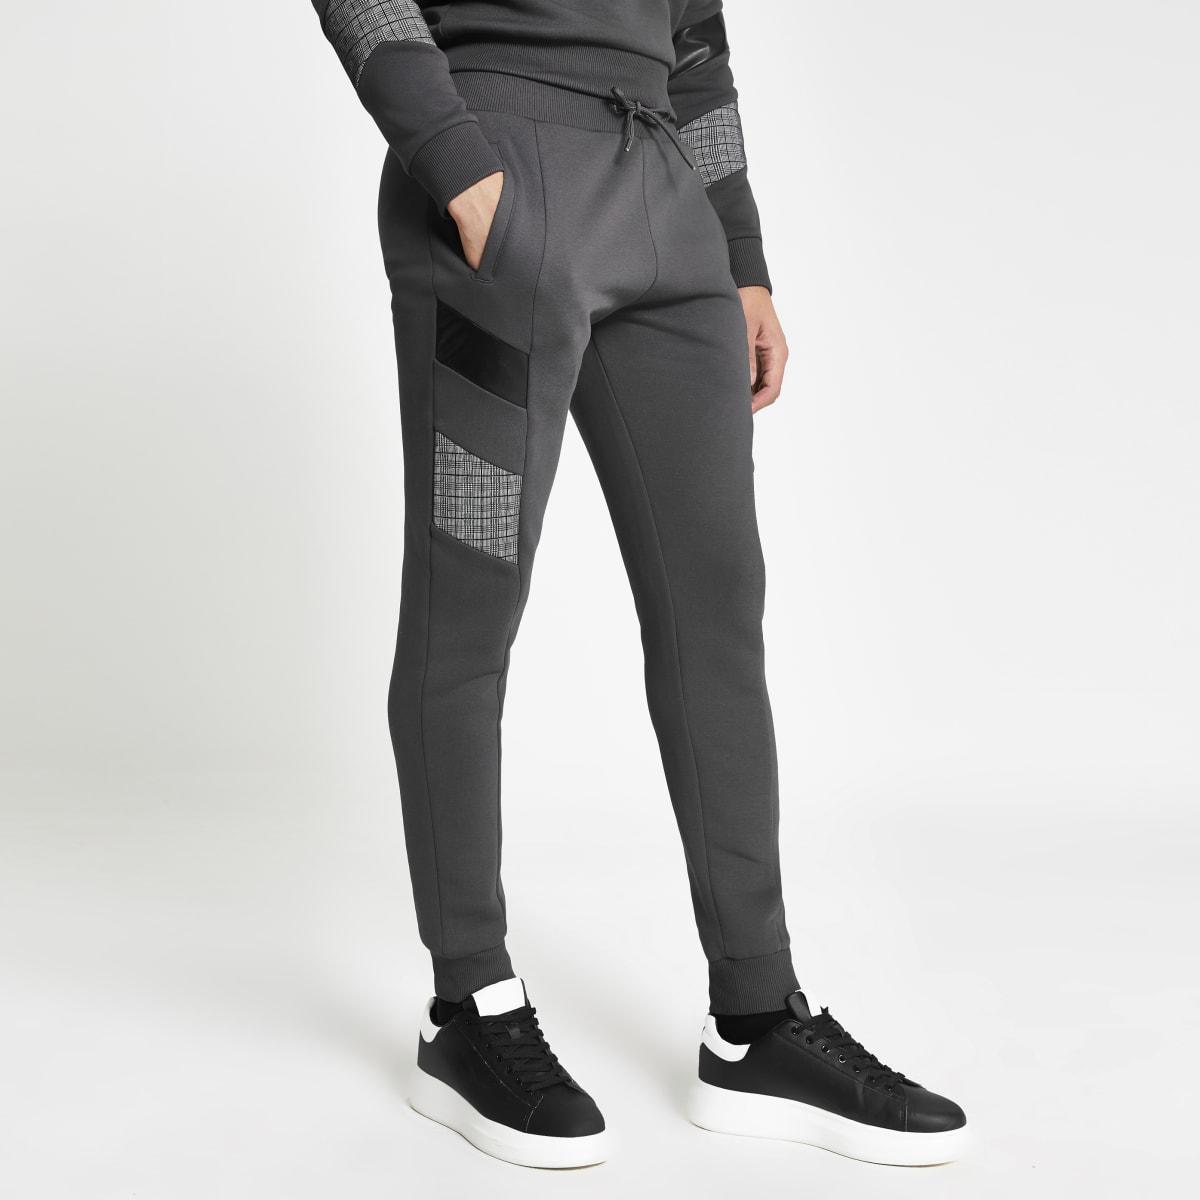 Maison Riviera - Grijze slim-fit joggingbroek met kleurvlakken